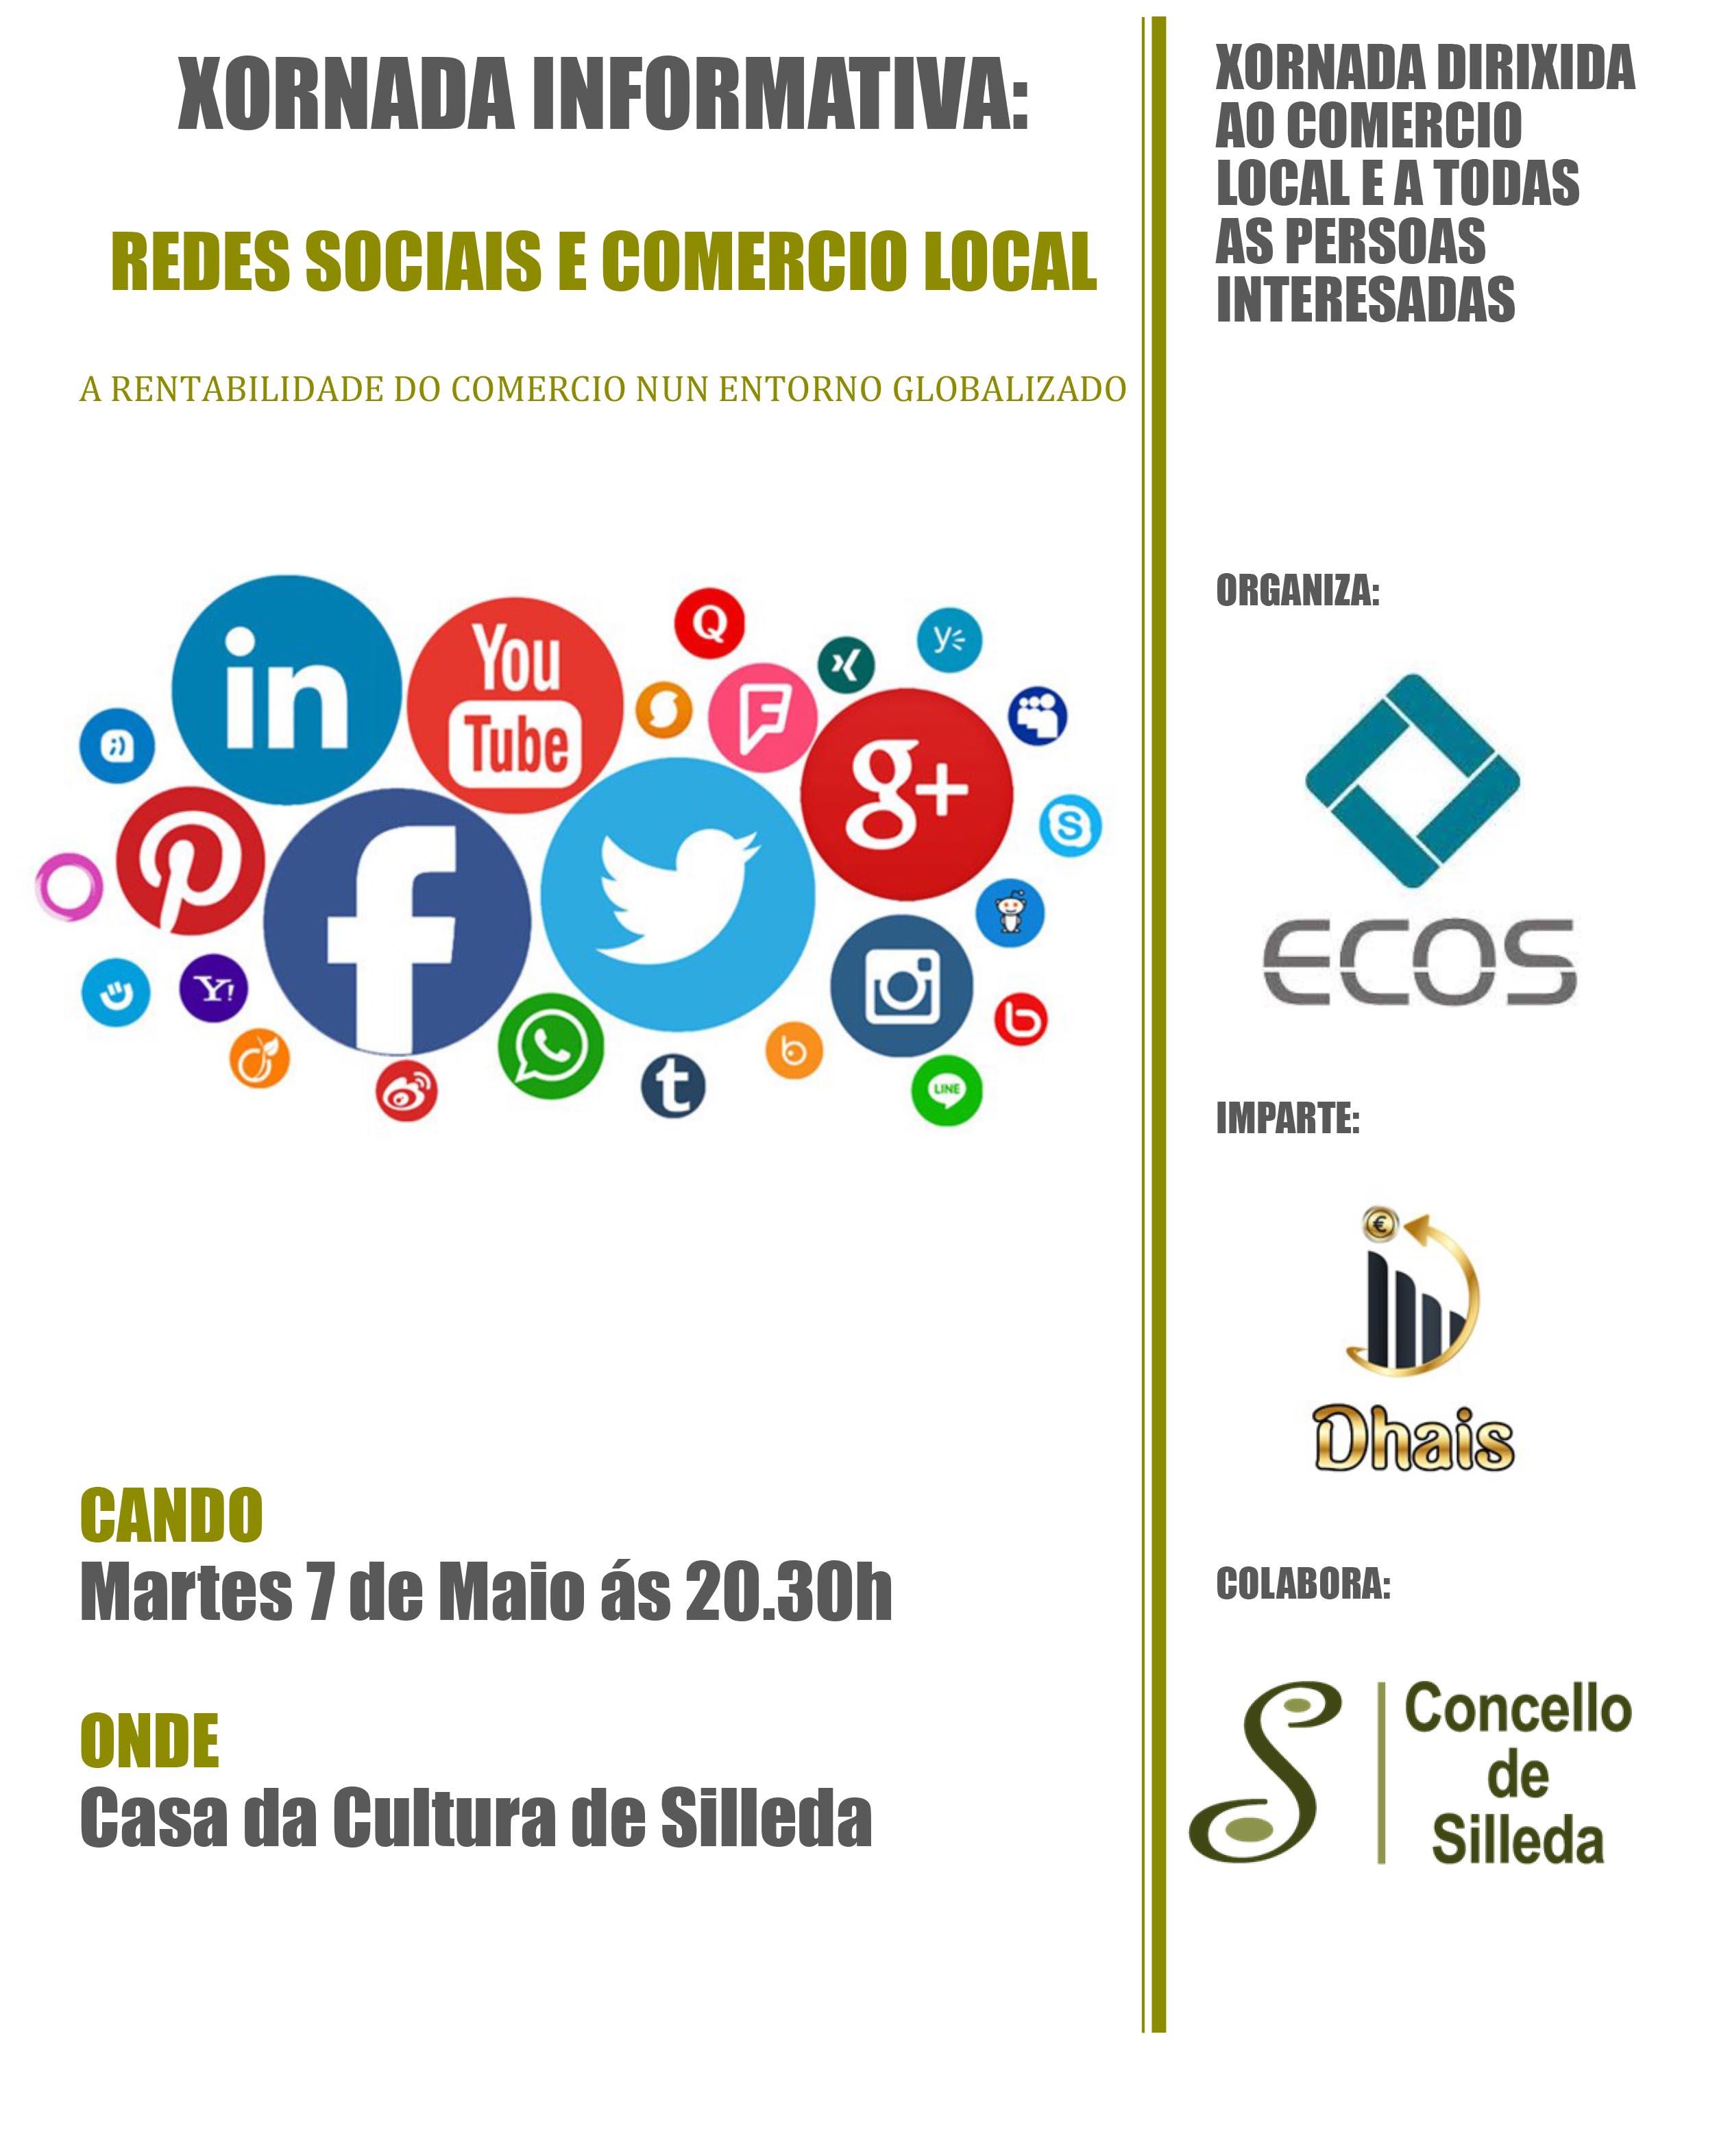 Silleda acolle unha xornada informativa sobre Comercio e Redes Sociais o vindeiro 7 de maio